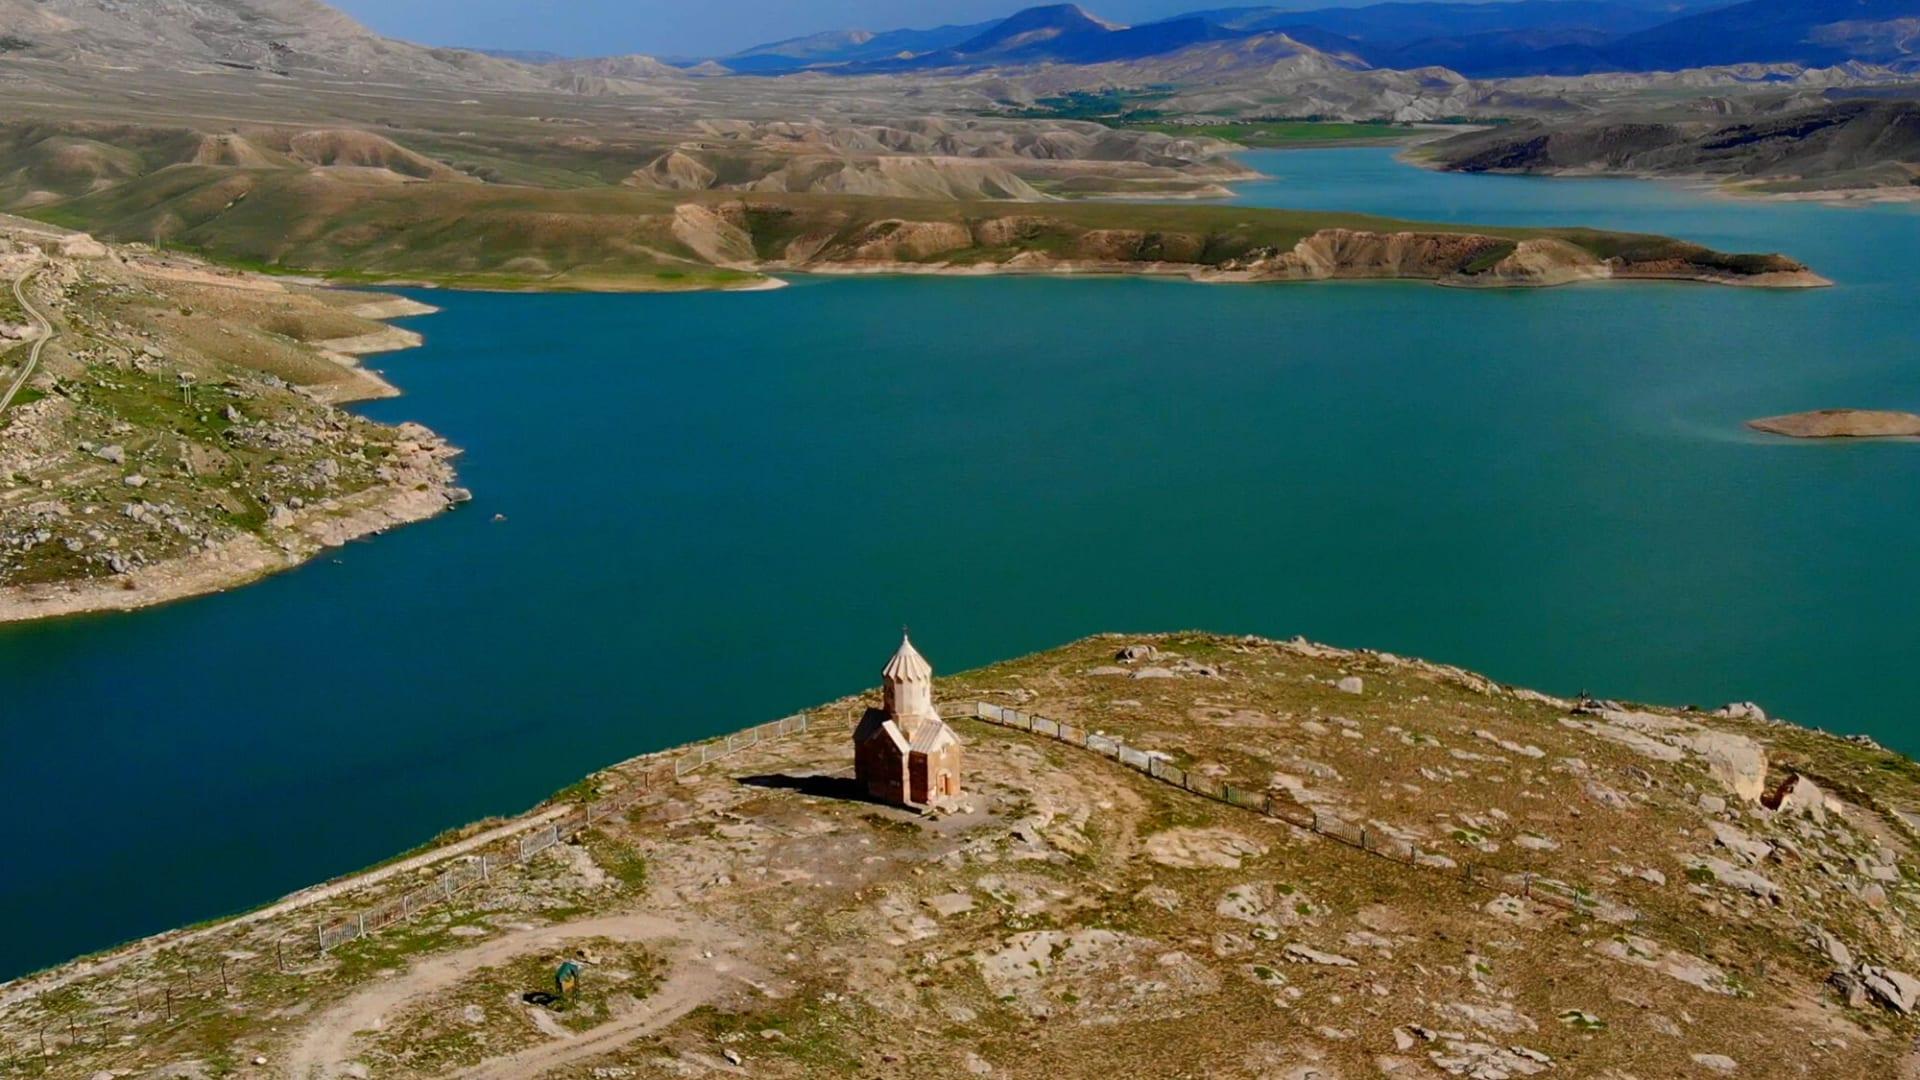 لا تستطيع دخولها.. ما سر وقوف كنيسة وحدها بين جبال إيران؟